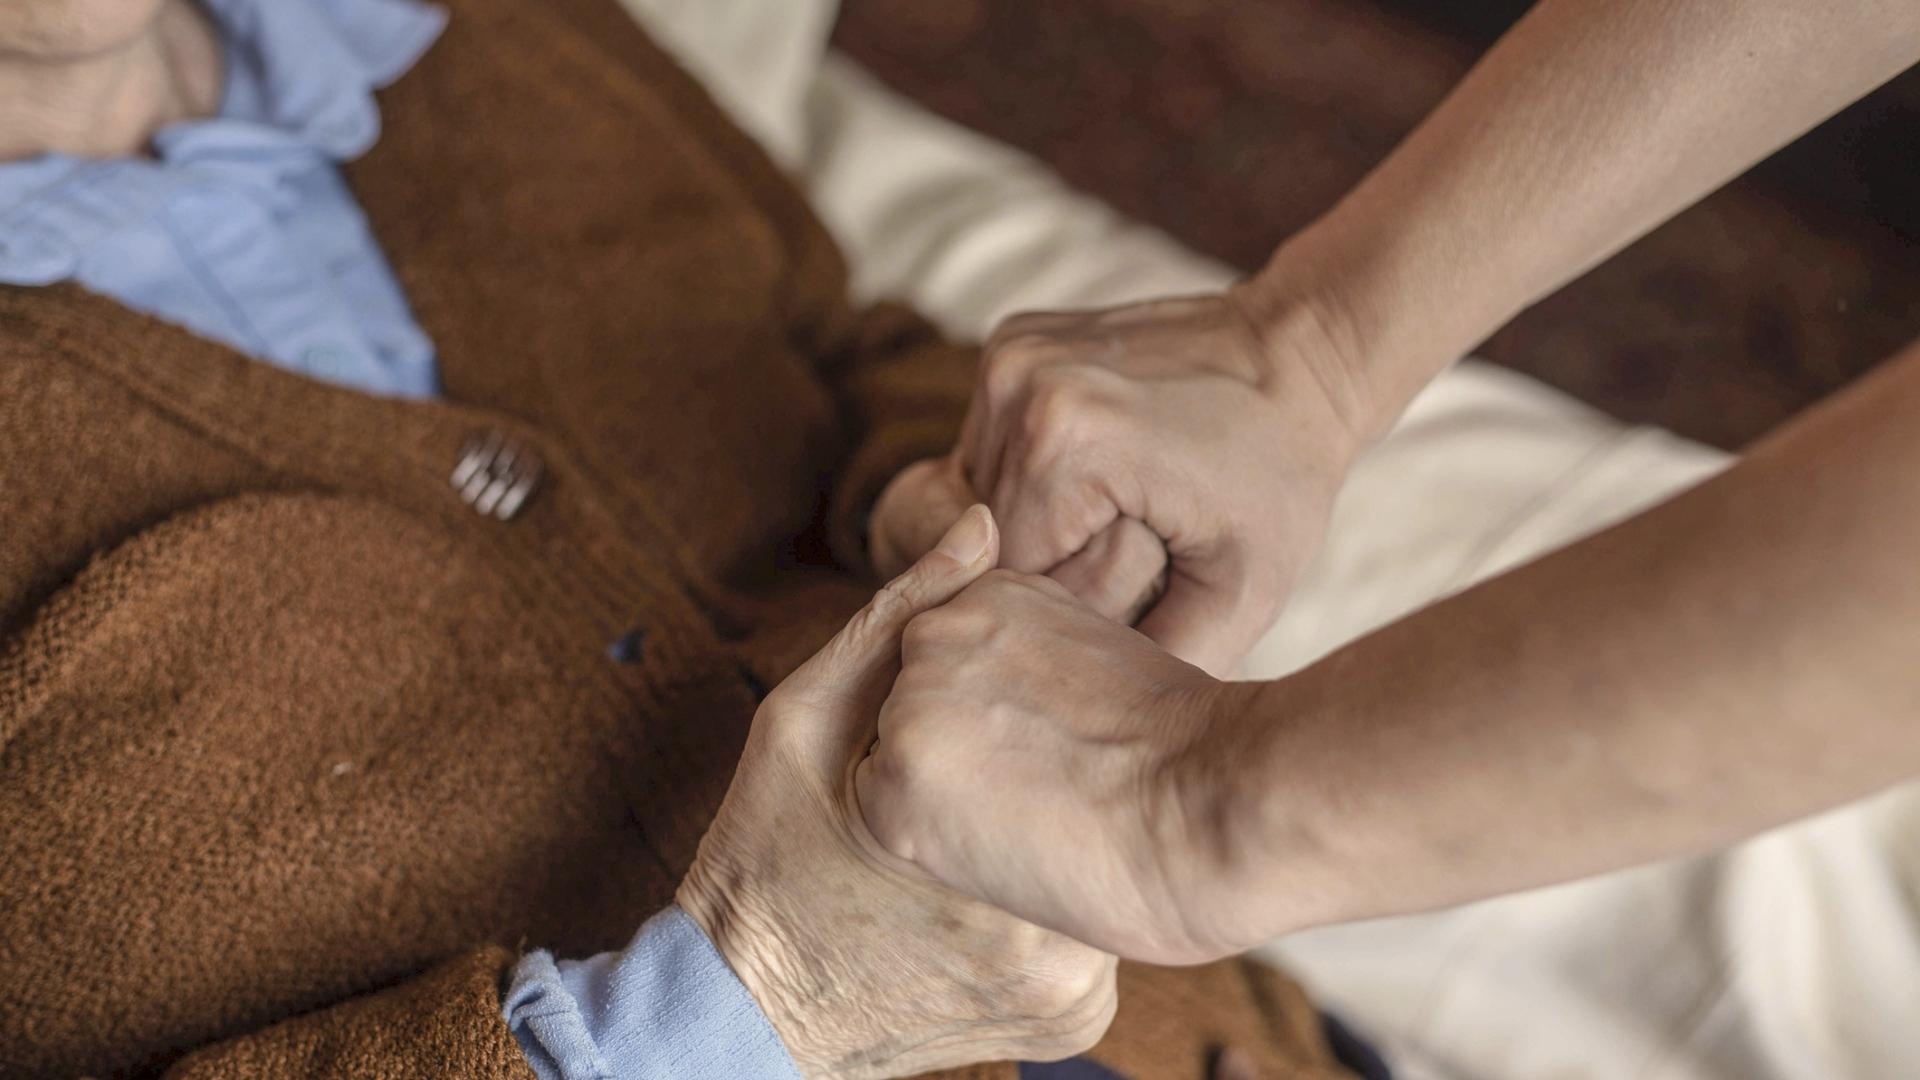 Enemmistö ikääntyneistä kuolee hoitolaitoksissa, joissa vierailua on nyt rajoitettu. Moni toivoo, ettei tarvitsisi olla yksin kuoleman hetkellä.